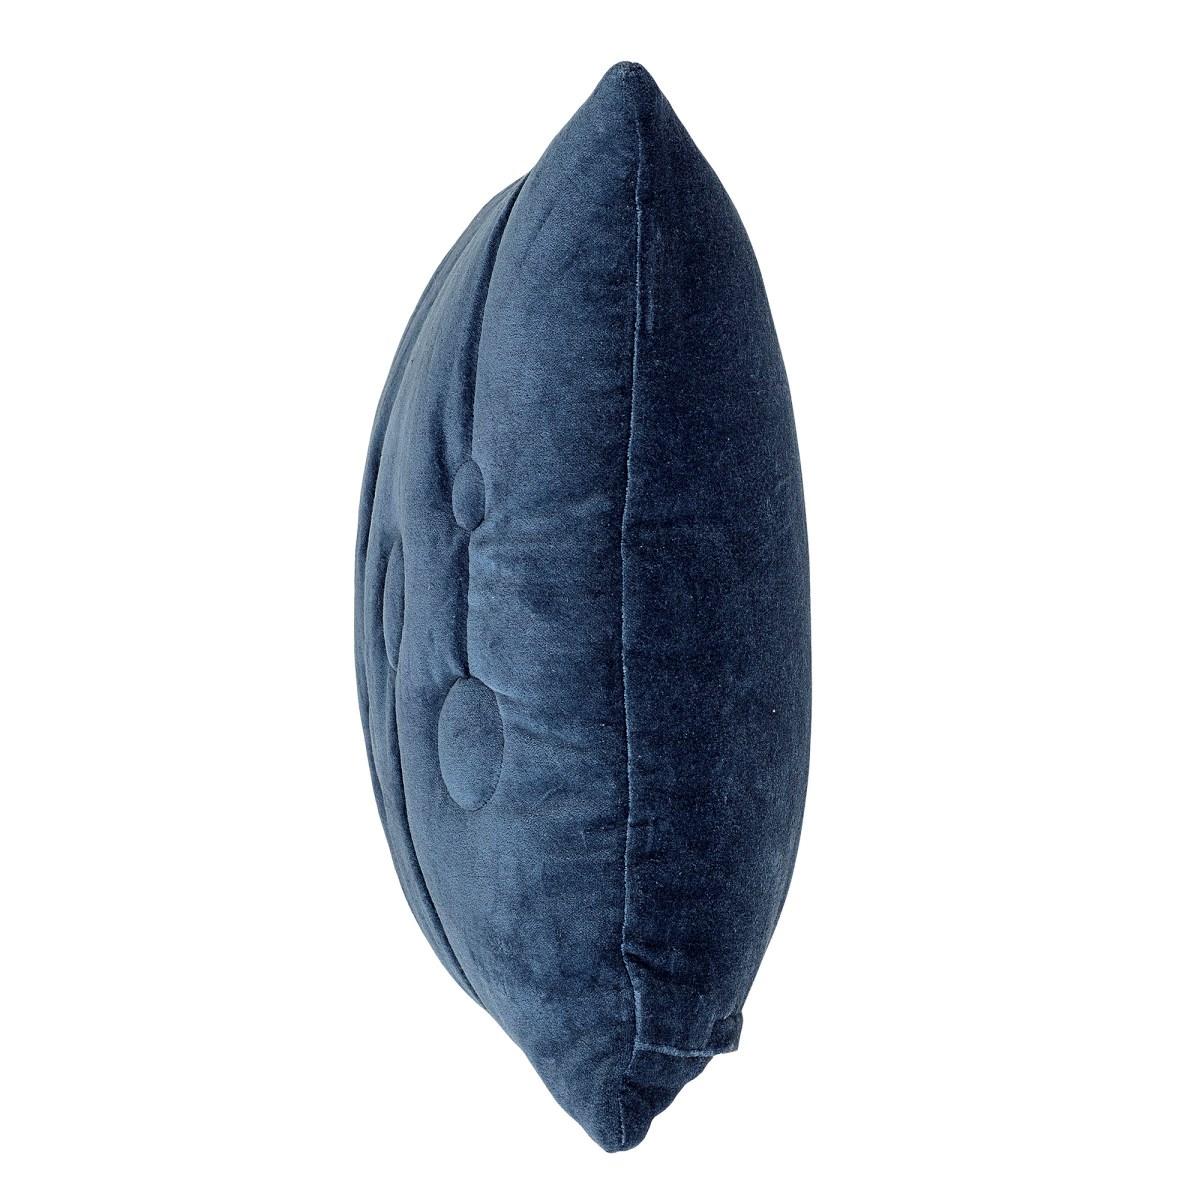 Polštář včetně výplně, 60x40 cm - modrý_2